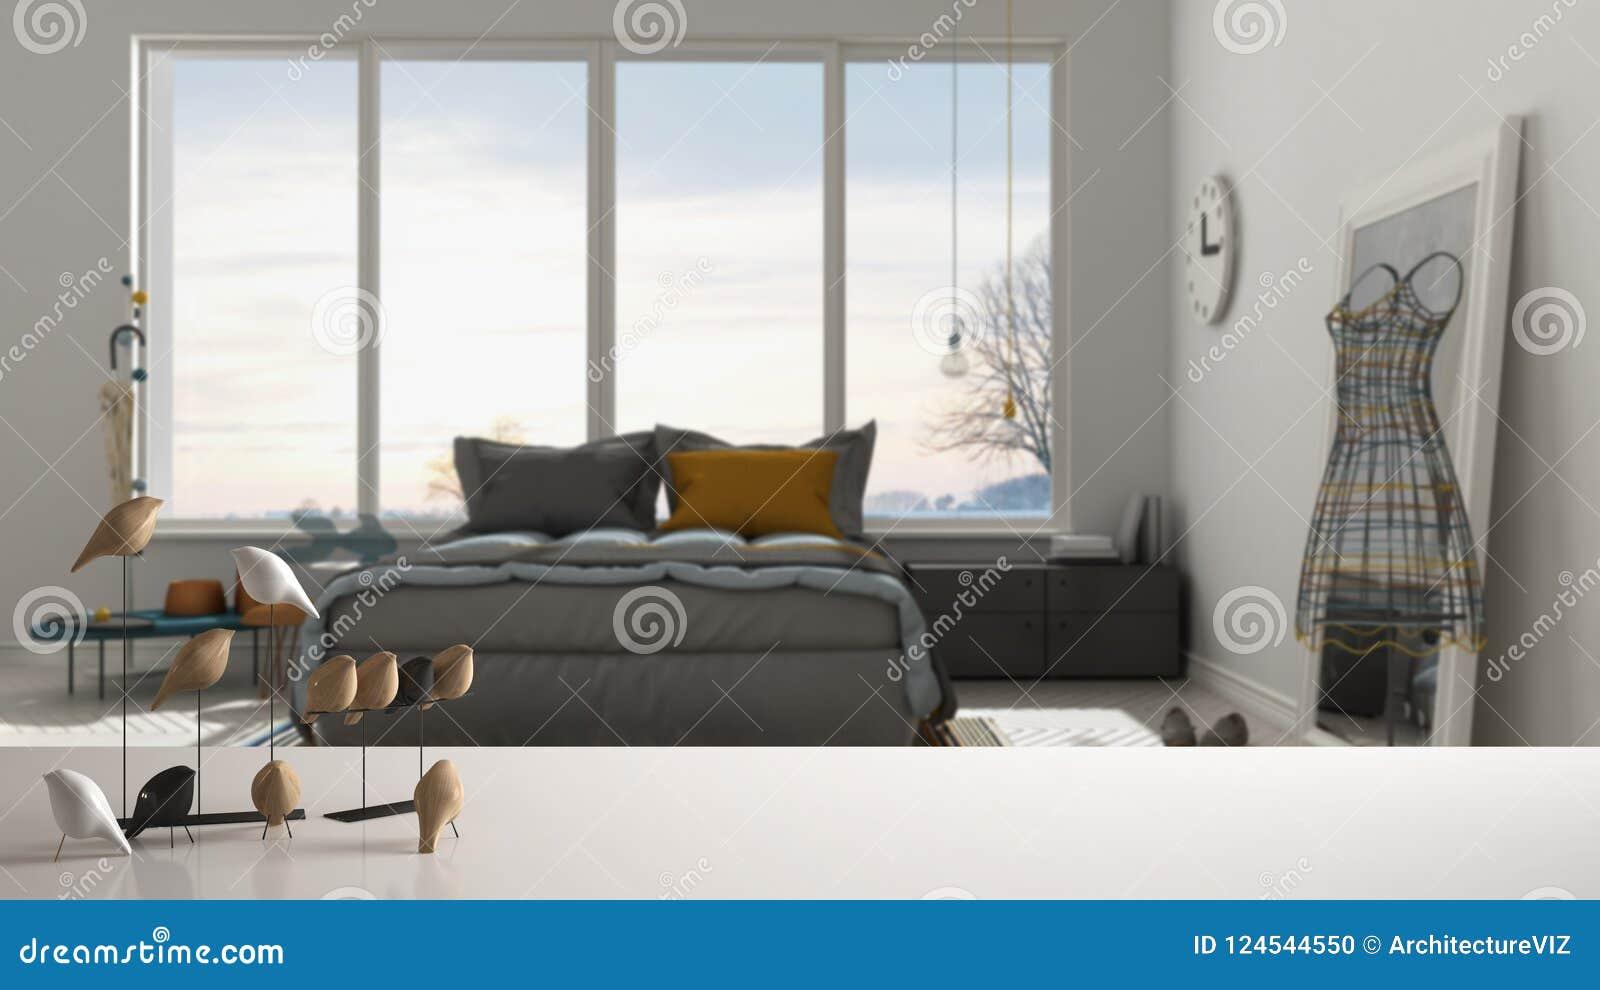 Sobremesa o estante blanca con el ornamento minimalistic del pájaro, knick del chirrido - destreza sobre dormitorio contemporáneo